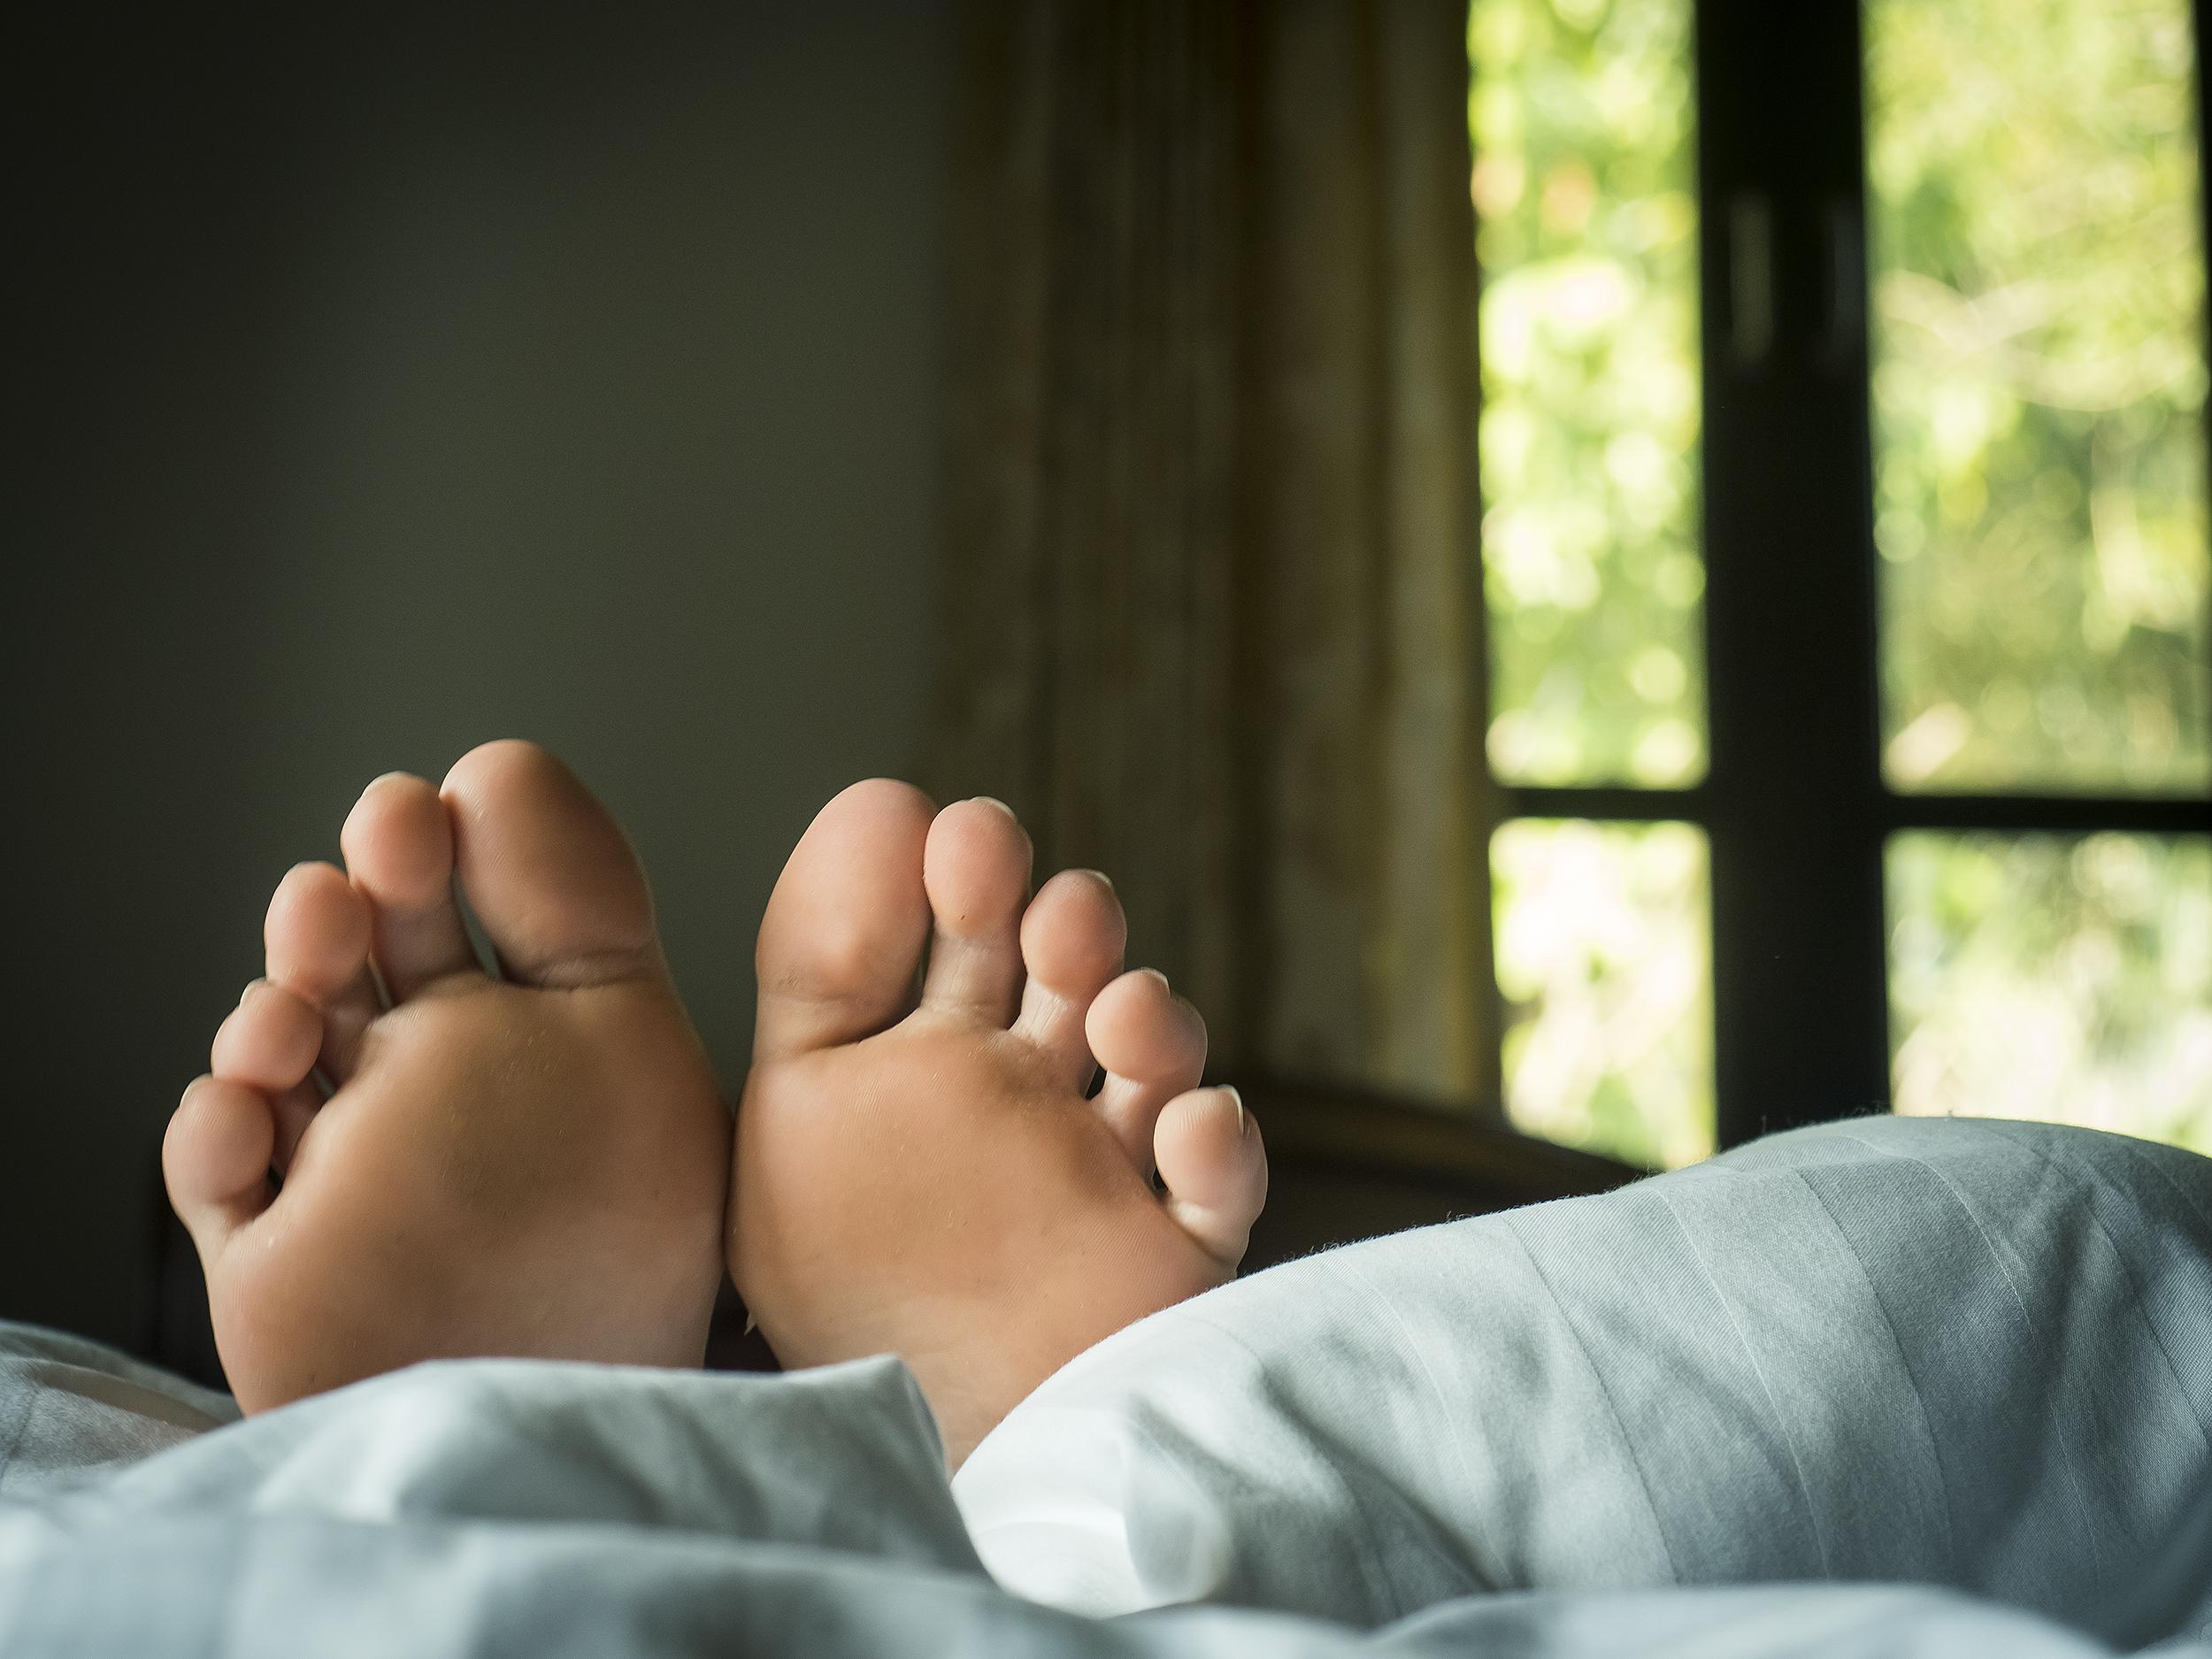 piciorul umflat și îmbolnăvit)